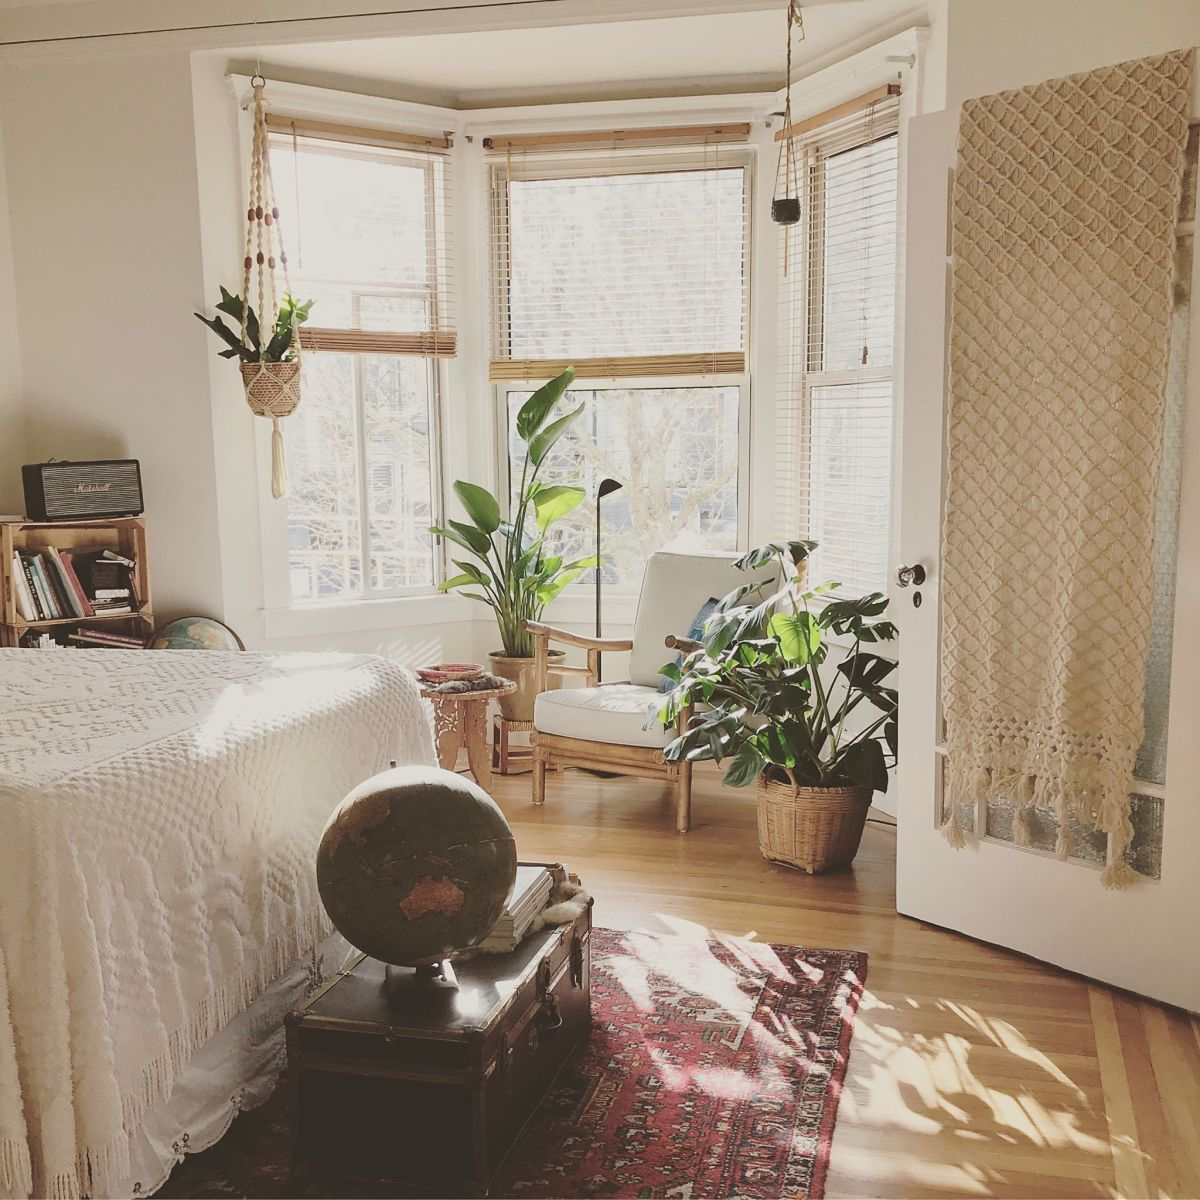 Alquilar piso sin morir en el intento